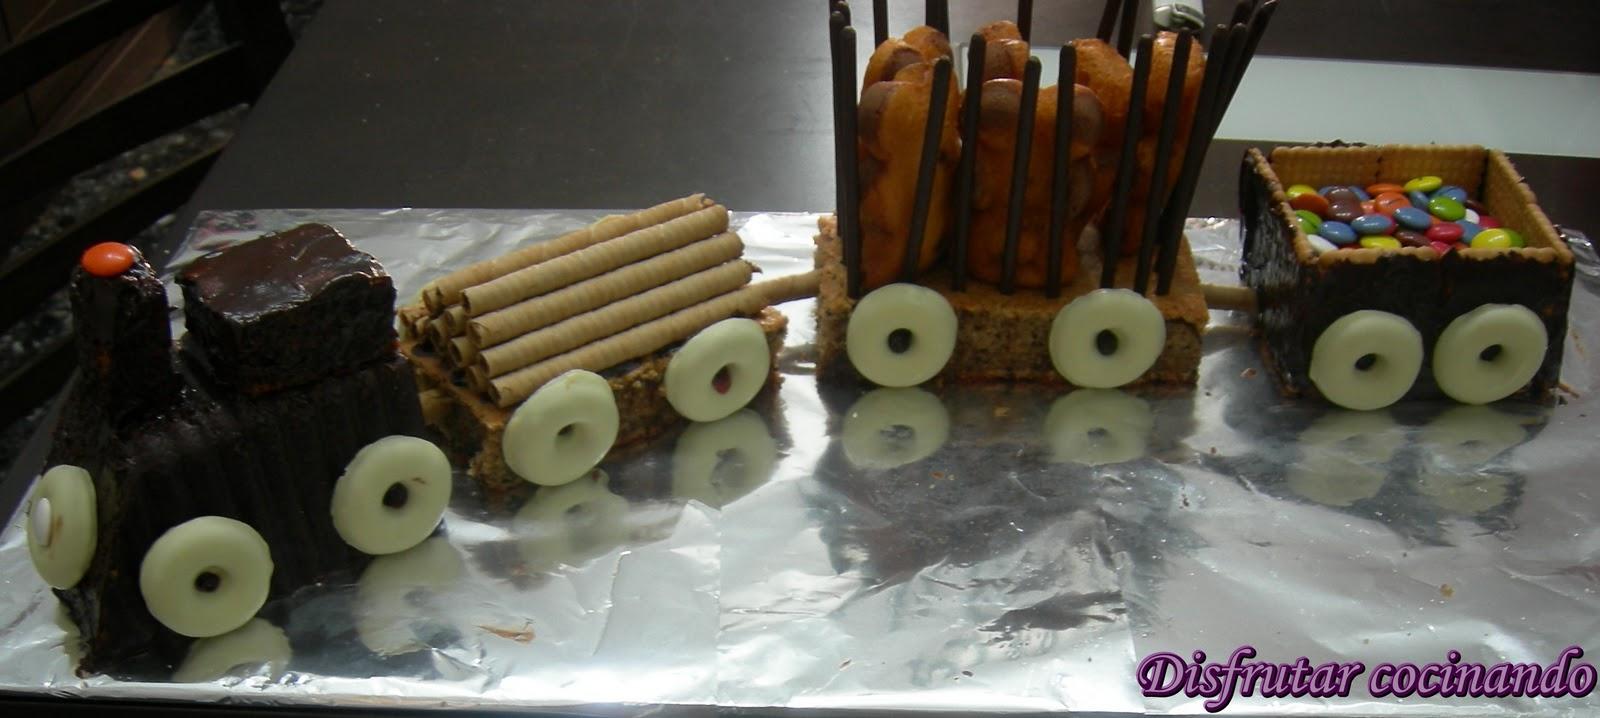 Disfrutar cocinando tarta tren de cumplea os y cupcakes - Casa del agua cumpleanos ...